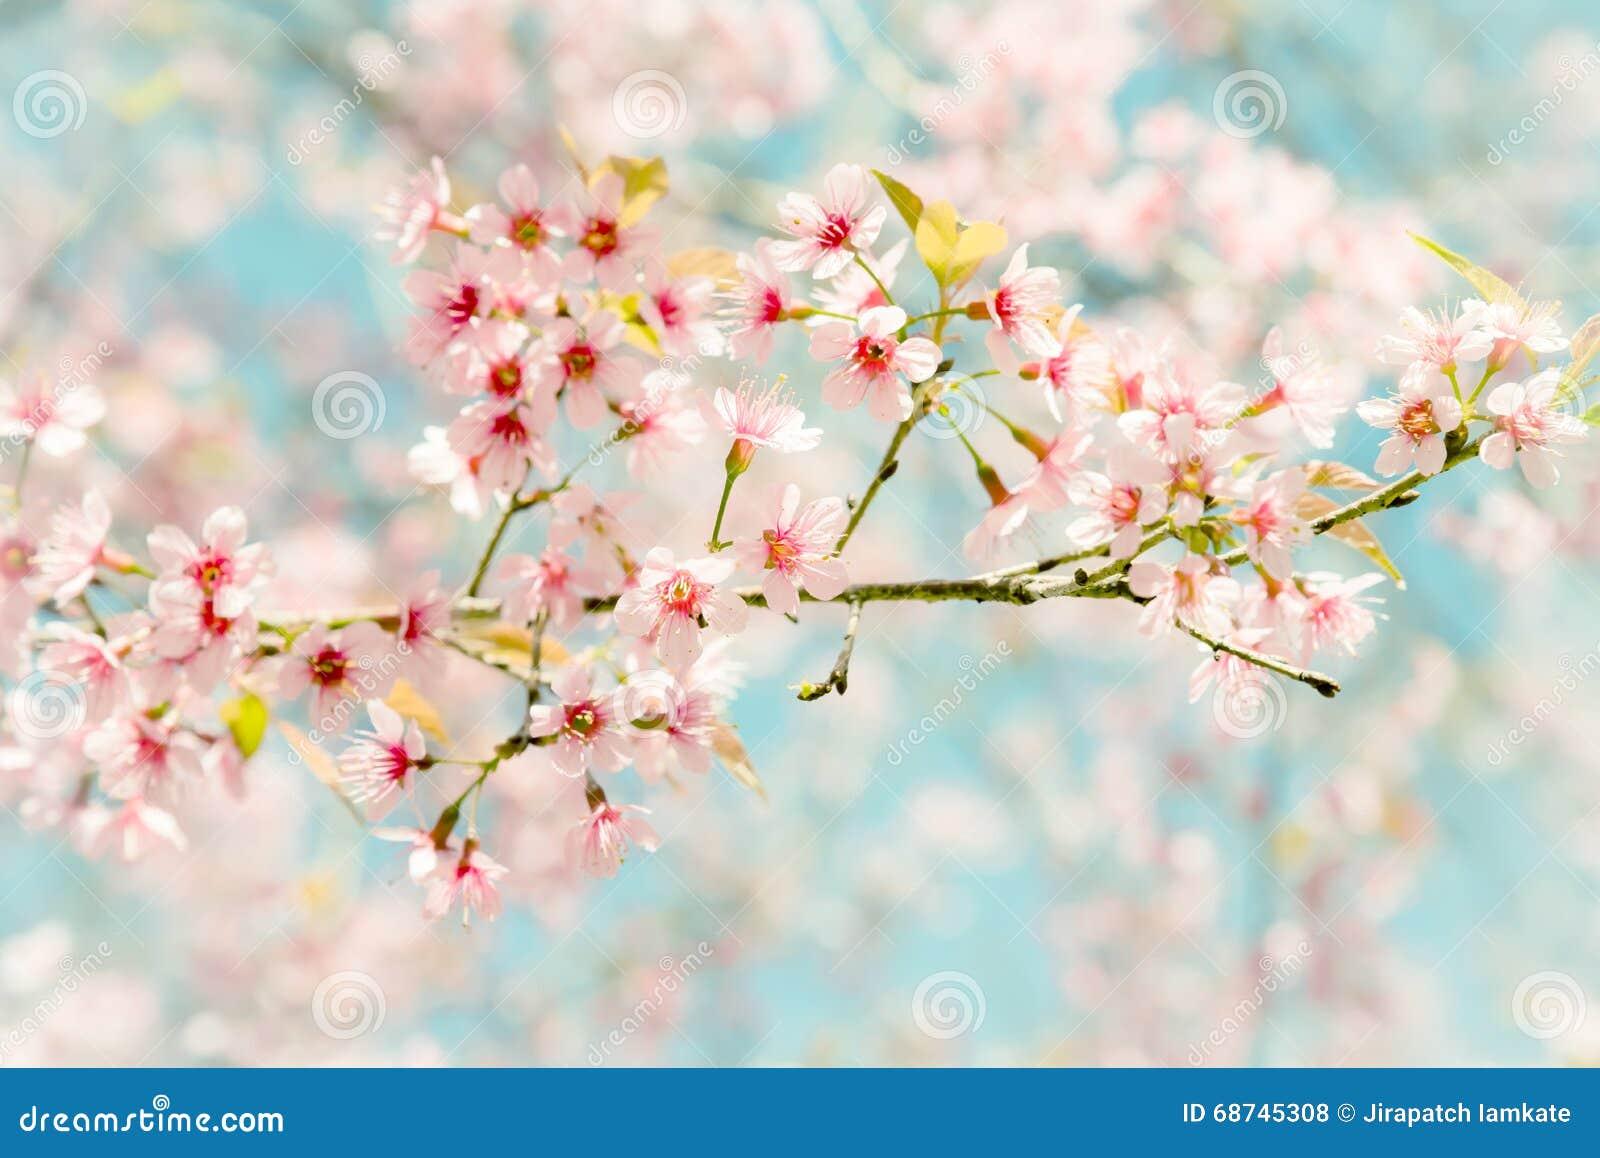 soft focus cherry blossom or sakura flower on nature